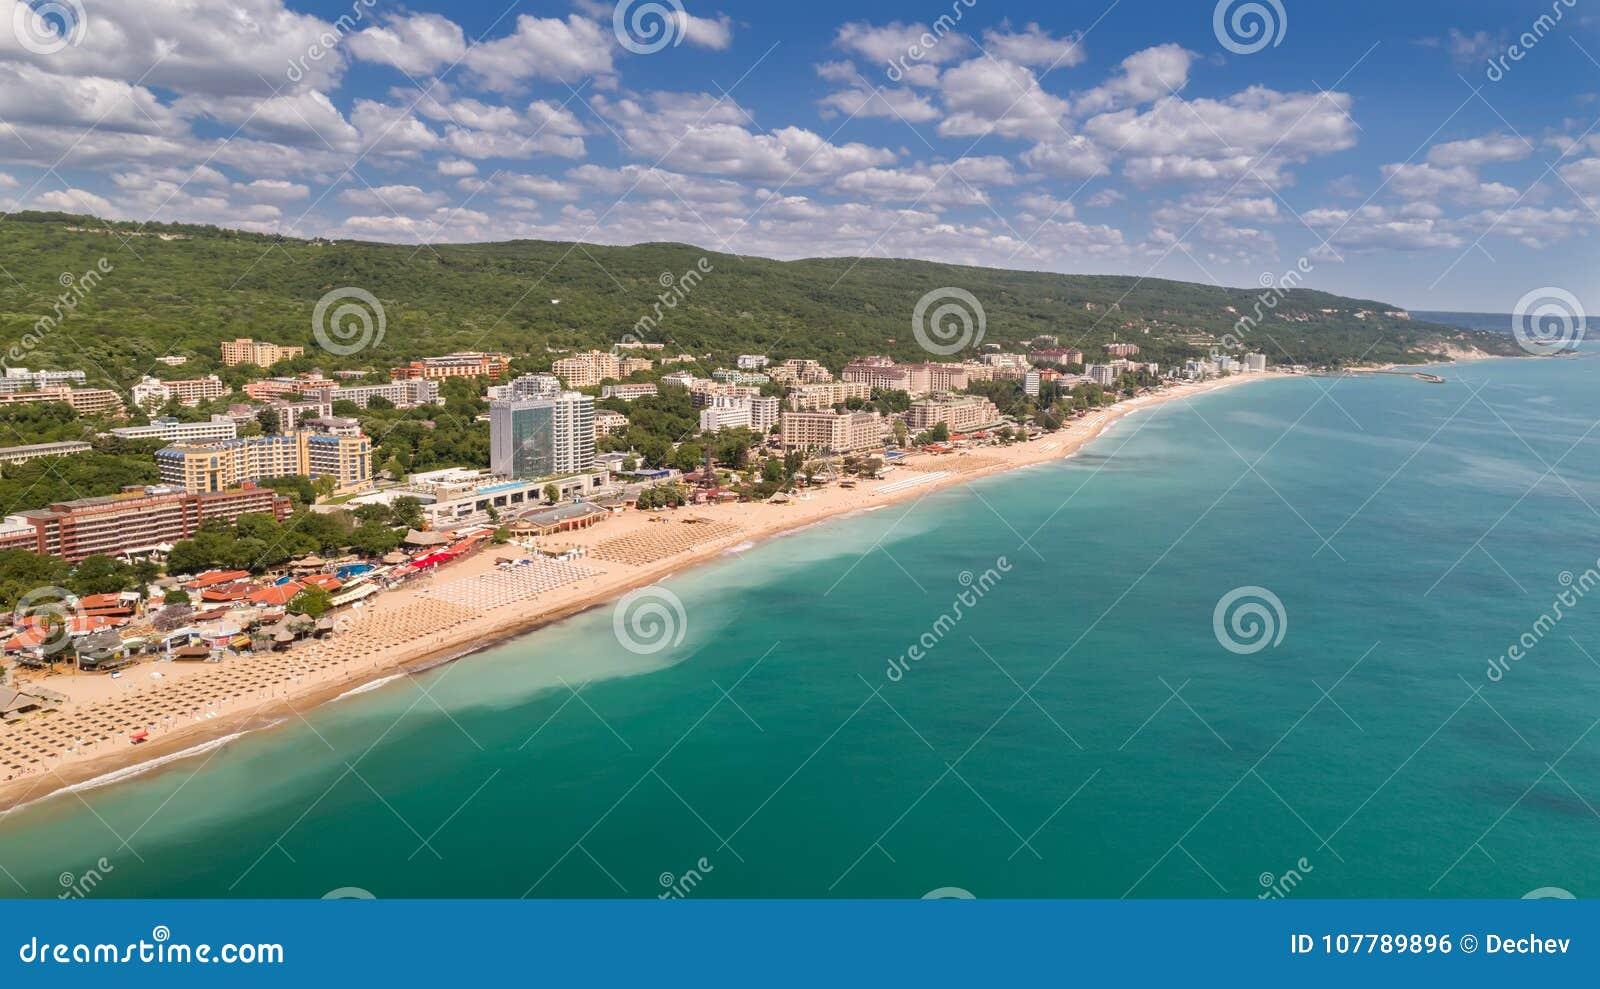 海滩和旅馆的鸟瞰图金黄沙子的, Zlatni Piasaci 在瓦尔纳,保加利亚附近的普遍的避暑胜地